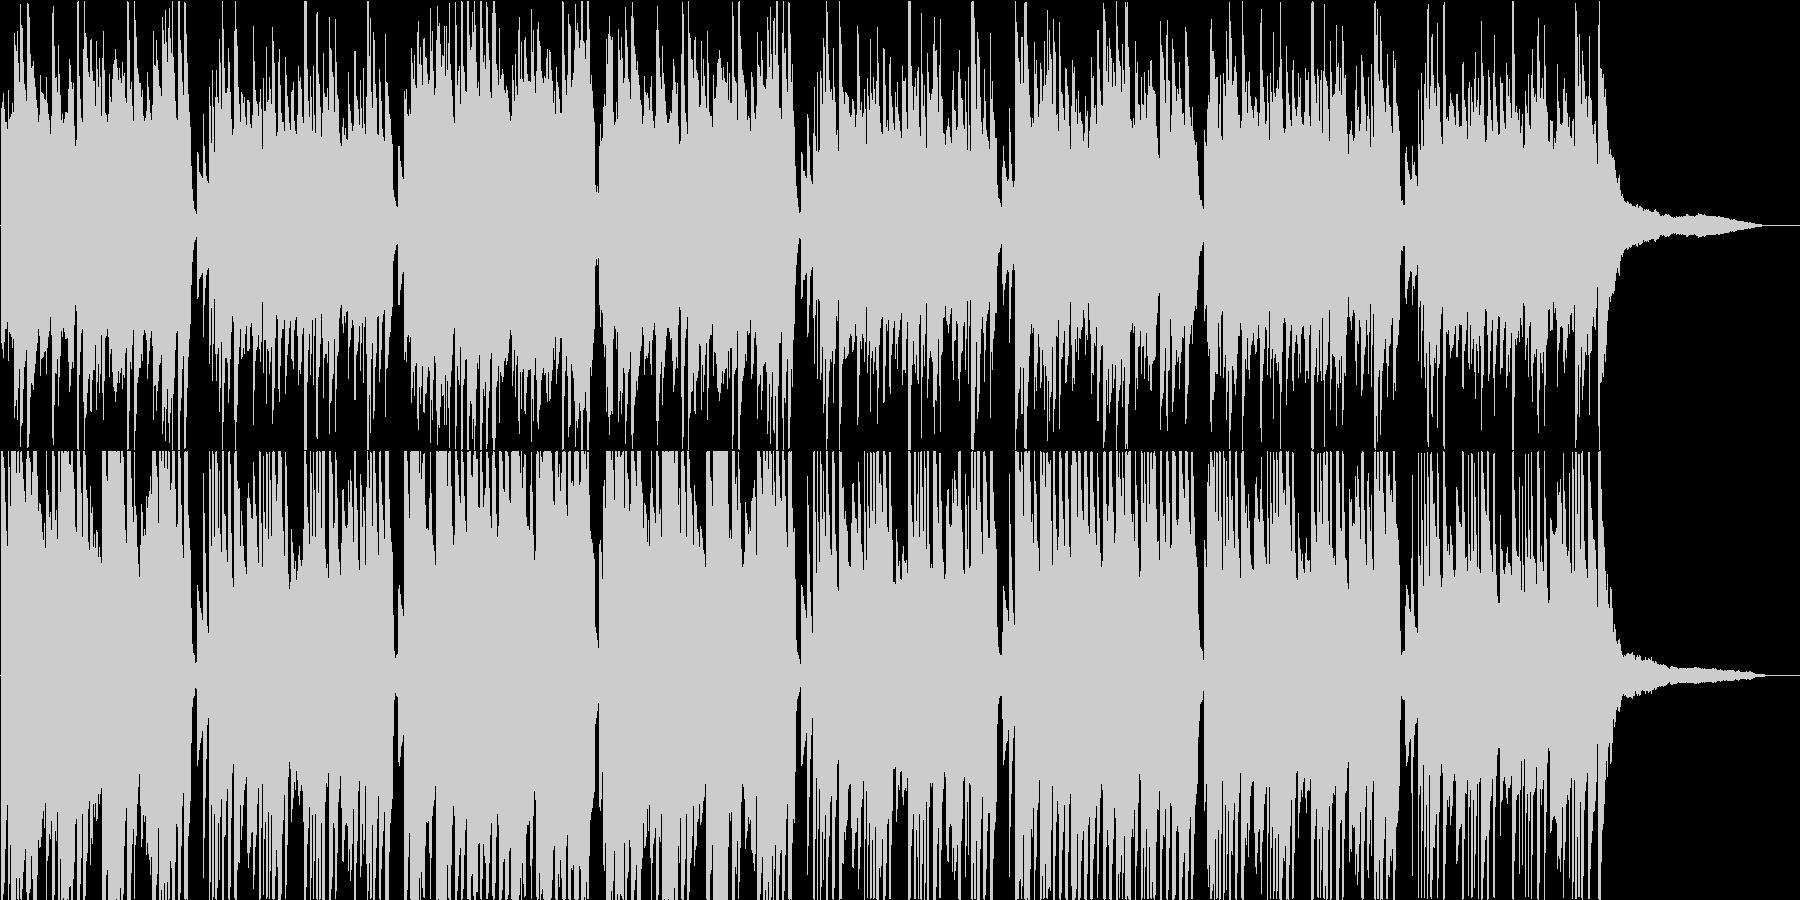 静か、かつ厳かな感じのピアノ曲の未再生の波形